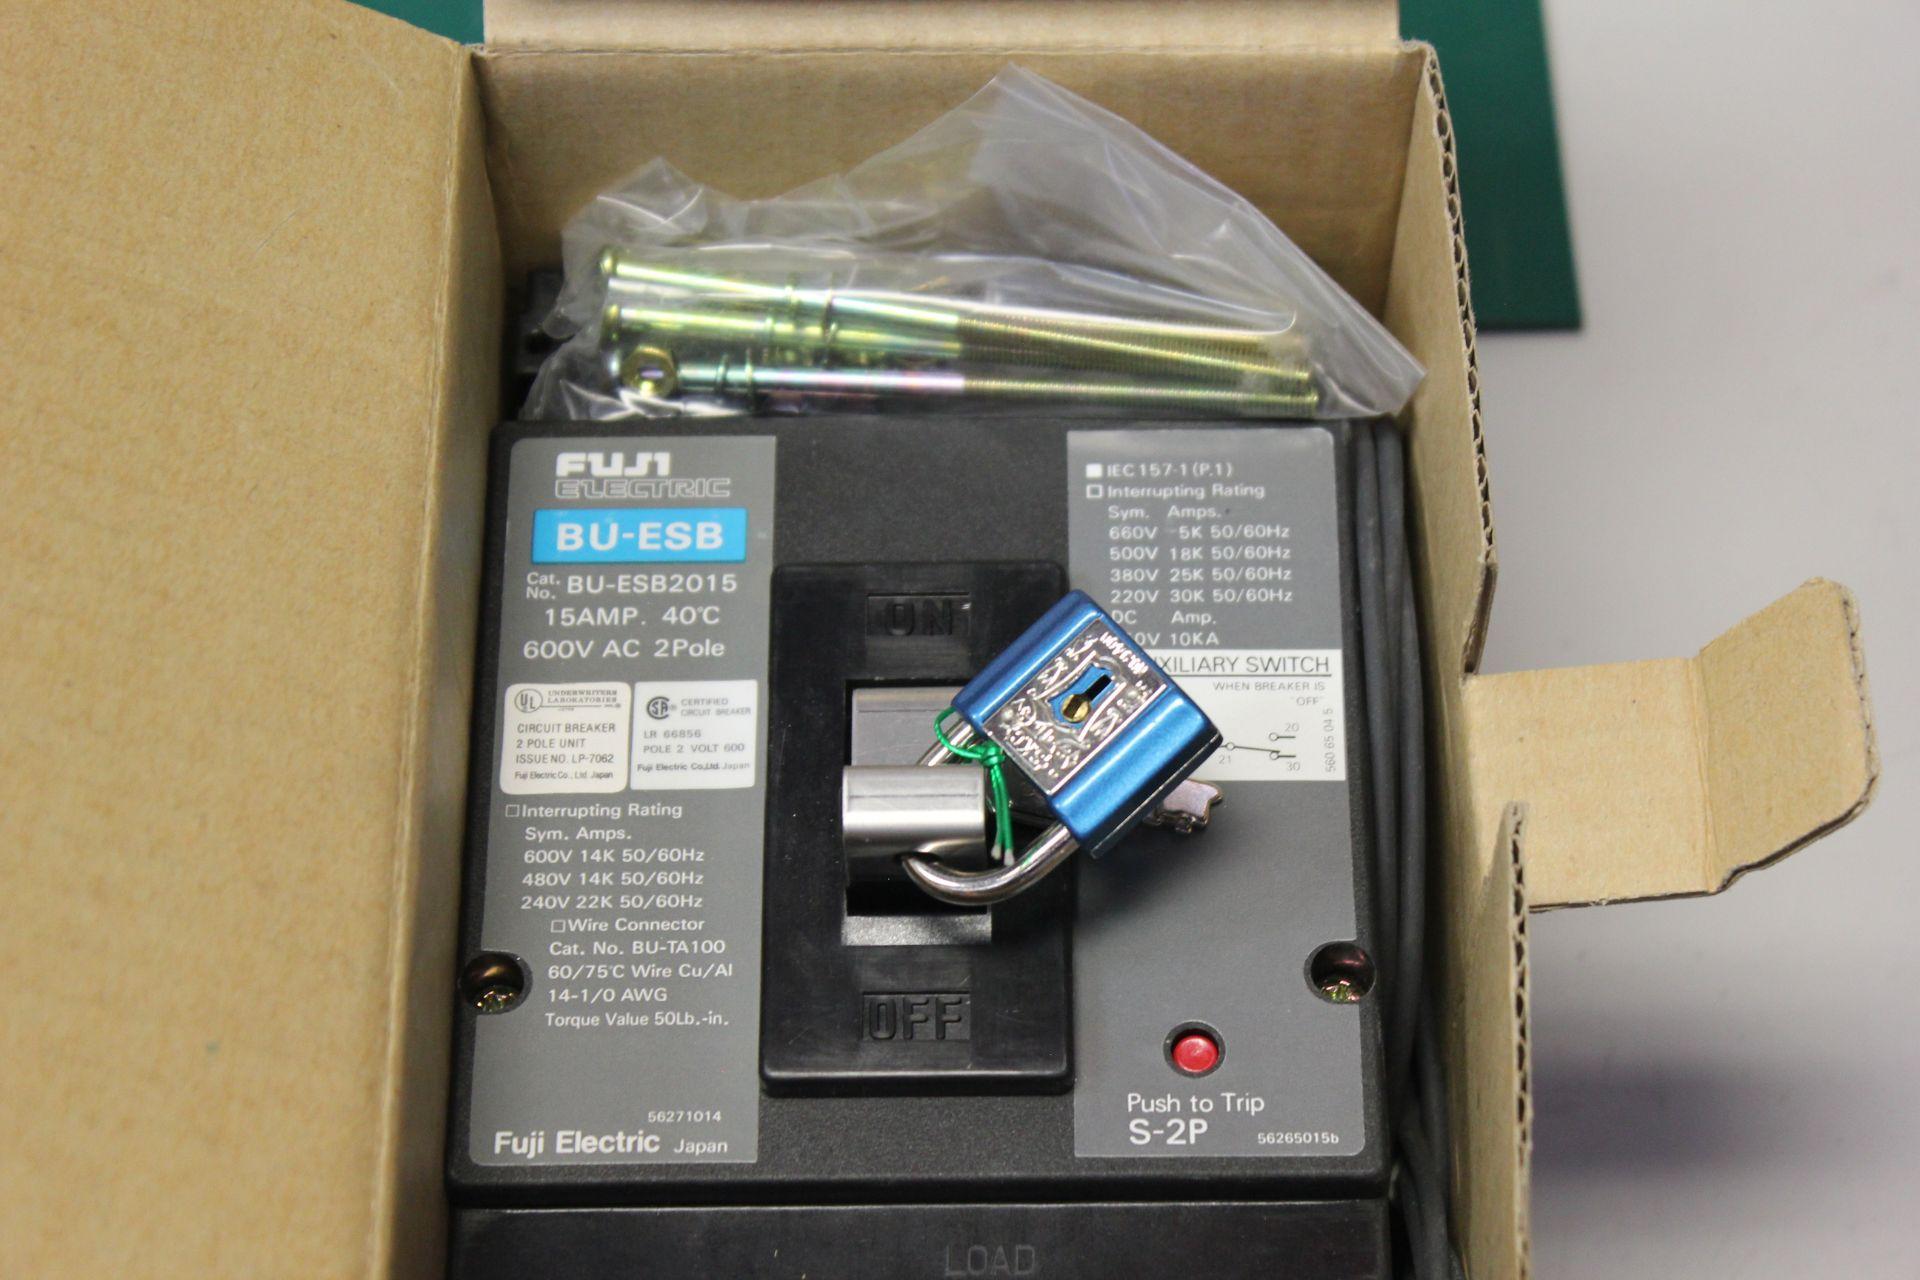 NEW FUJI ELECTRIC CIRCUIT BREAKER - Image 2 of 3